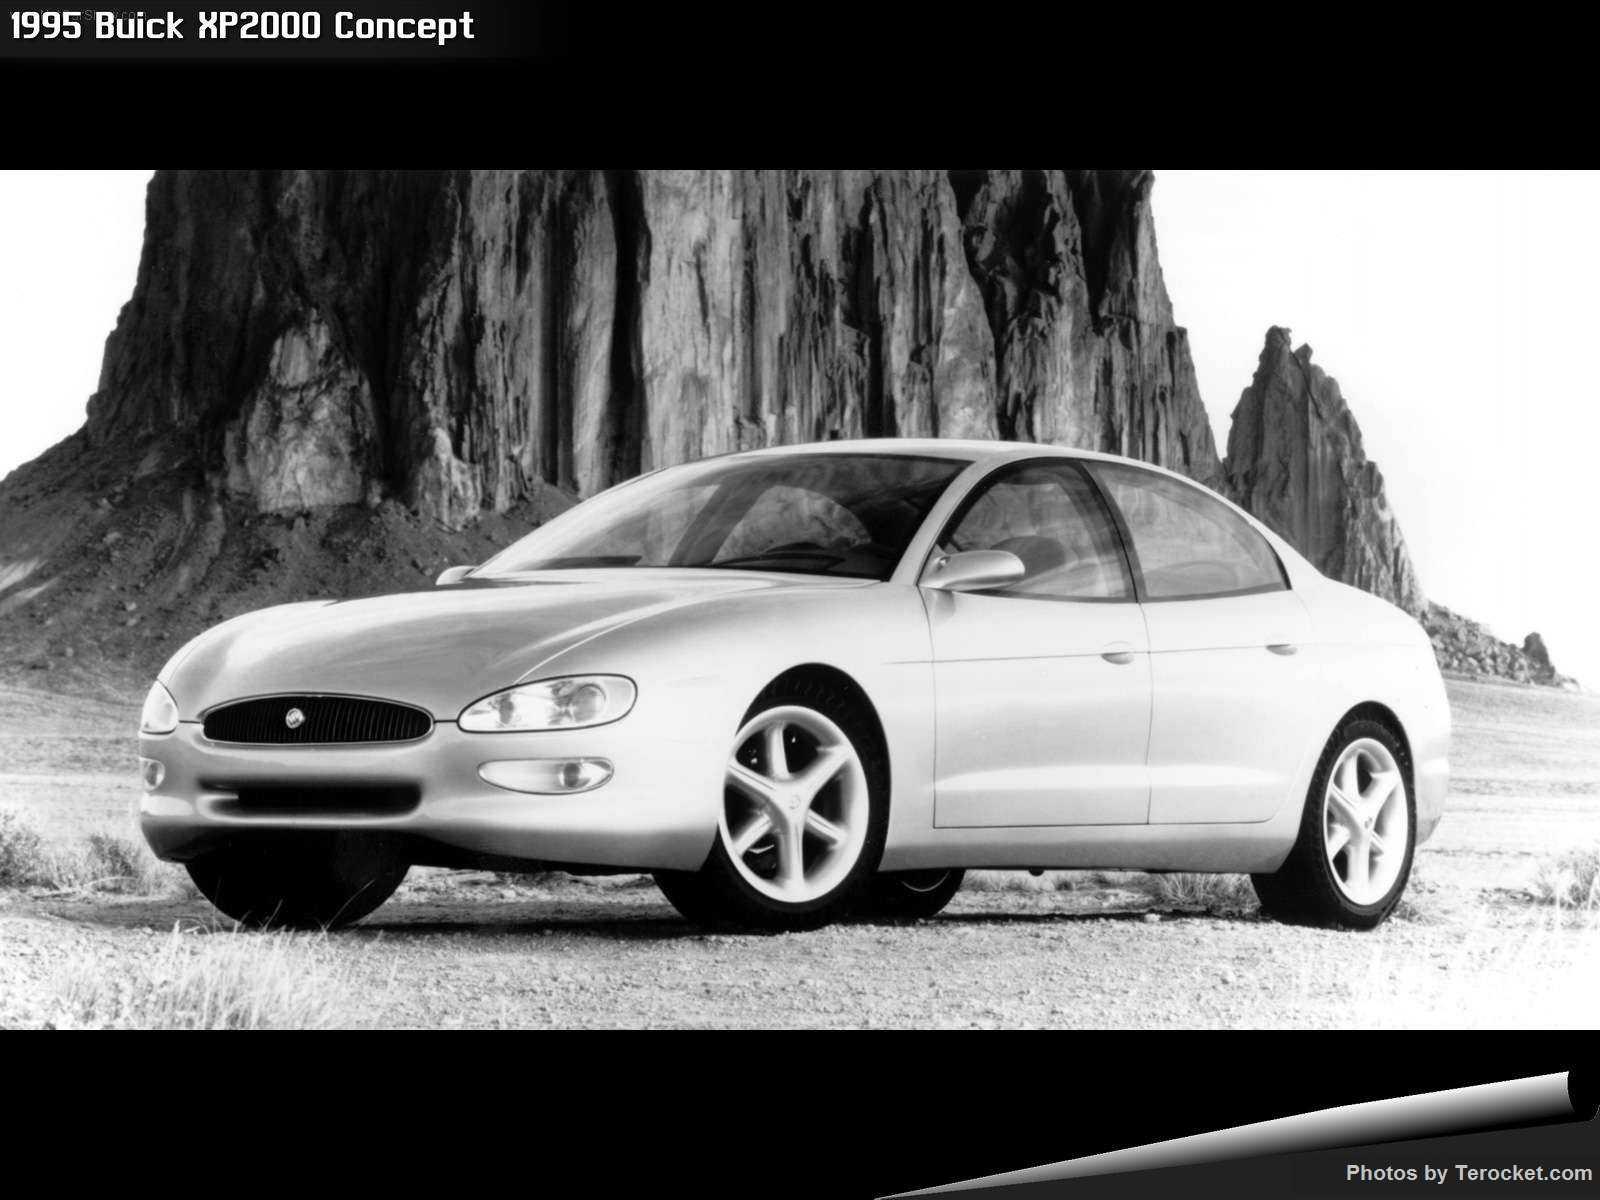 Hình ảnh xe ô tô Buick XP2000 Concept 1995 & nội ngoại thất